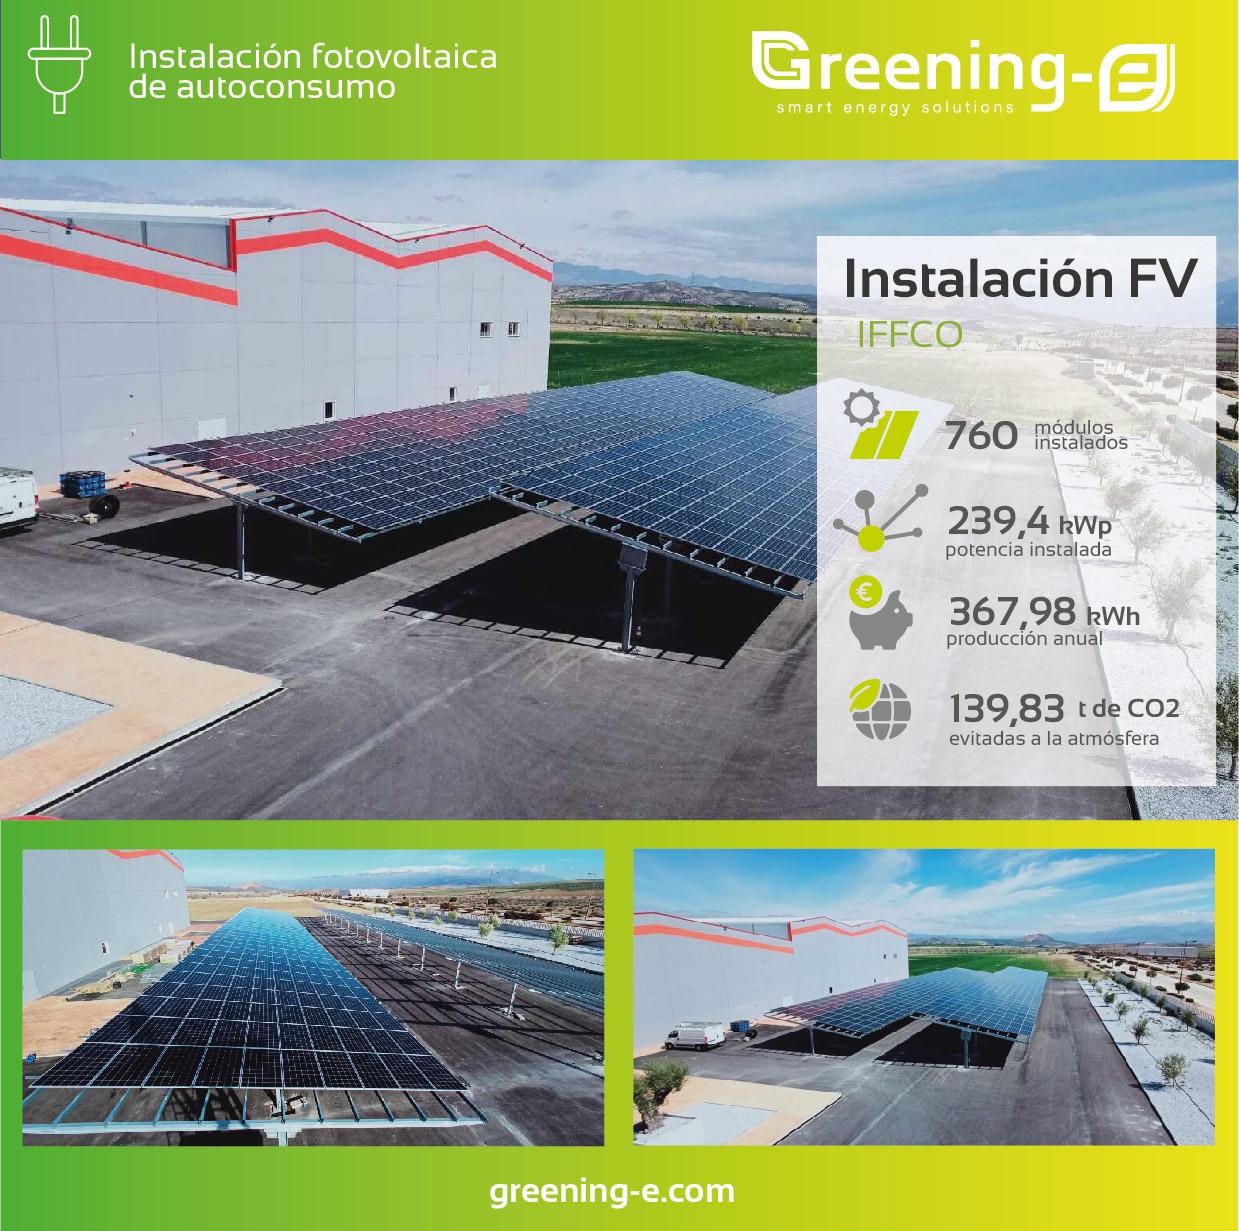 cifras de la instalación fotovoltaica realizada por Greening-e para IFFCO